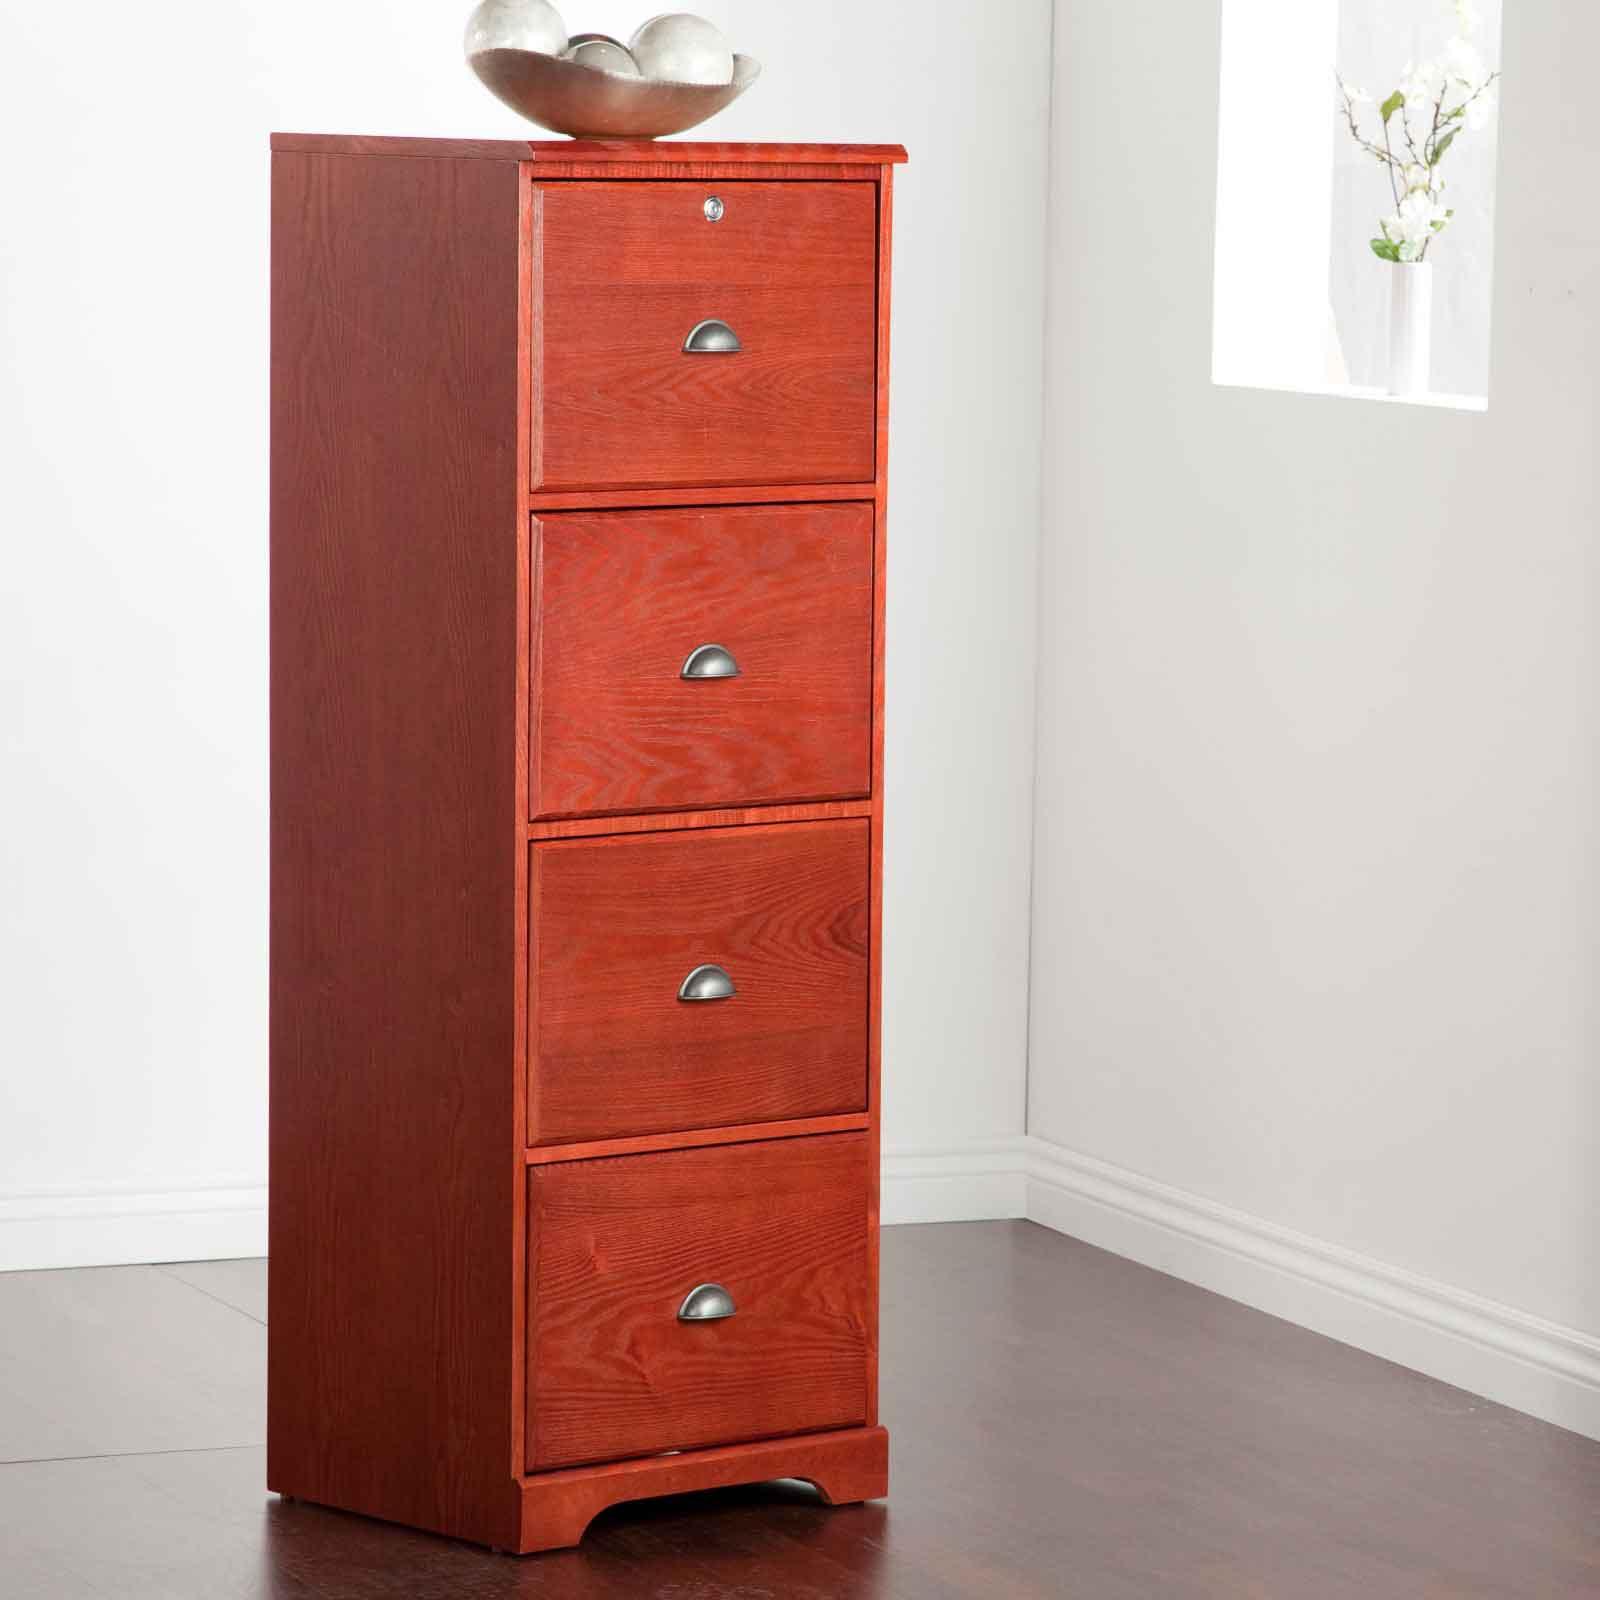 munwar: 4 Drawer Filing Cabinets